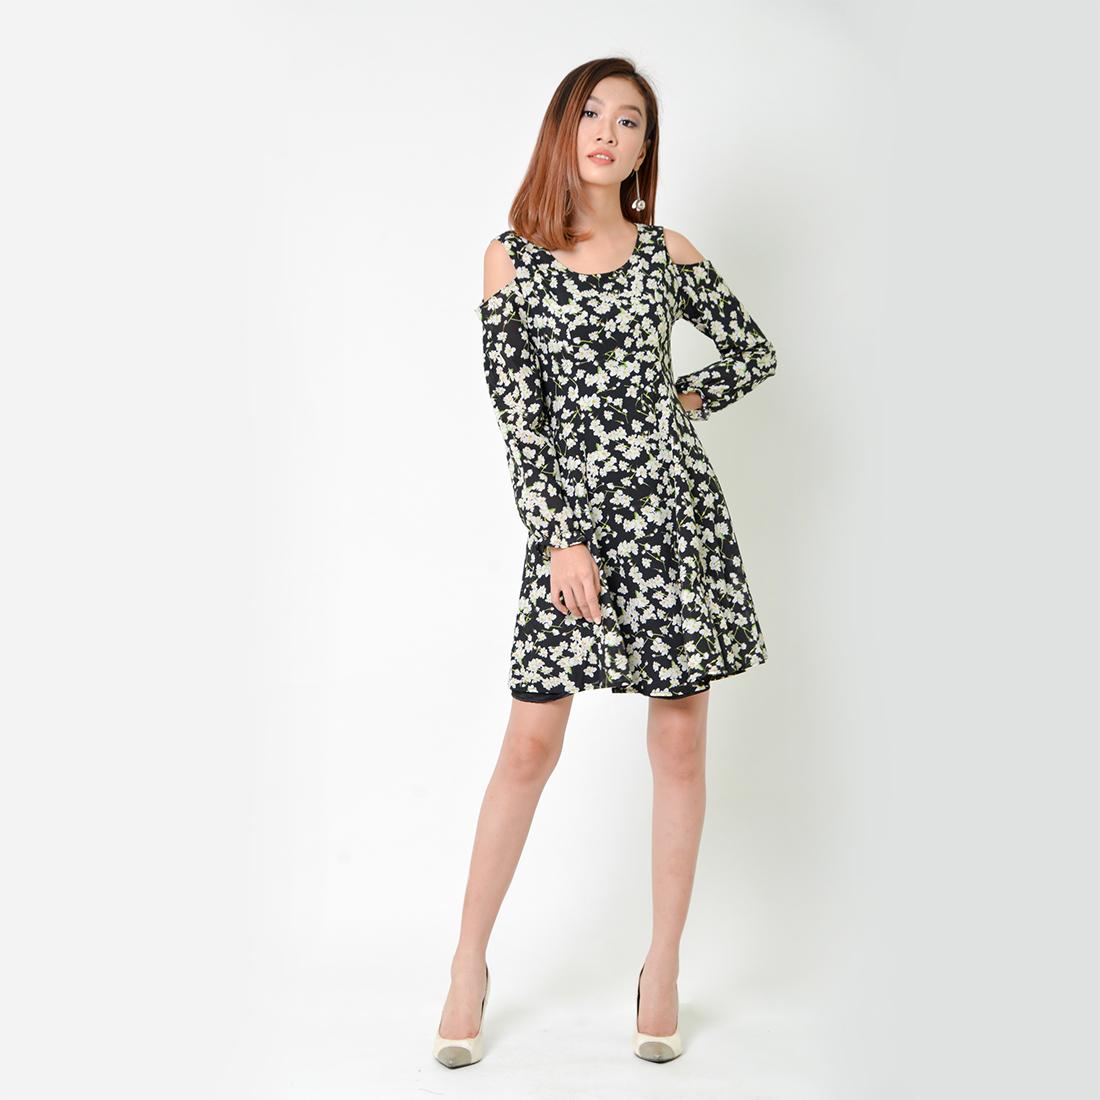 Đầm Xòe Thời Trang Eden Dài Tay In Hoa - D335 - Màu Đen